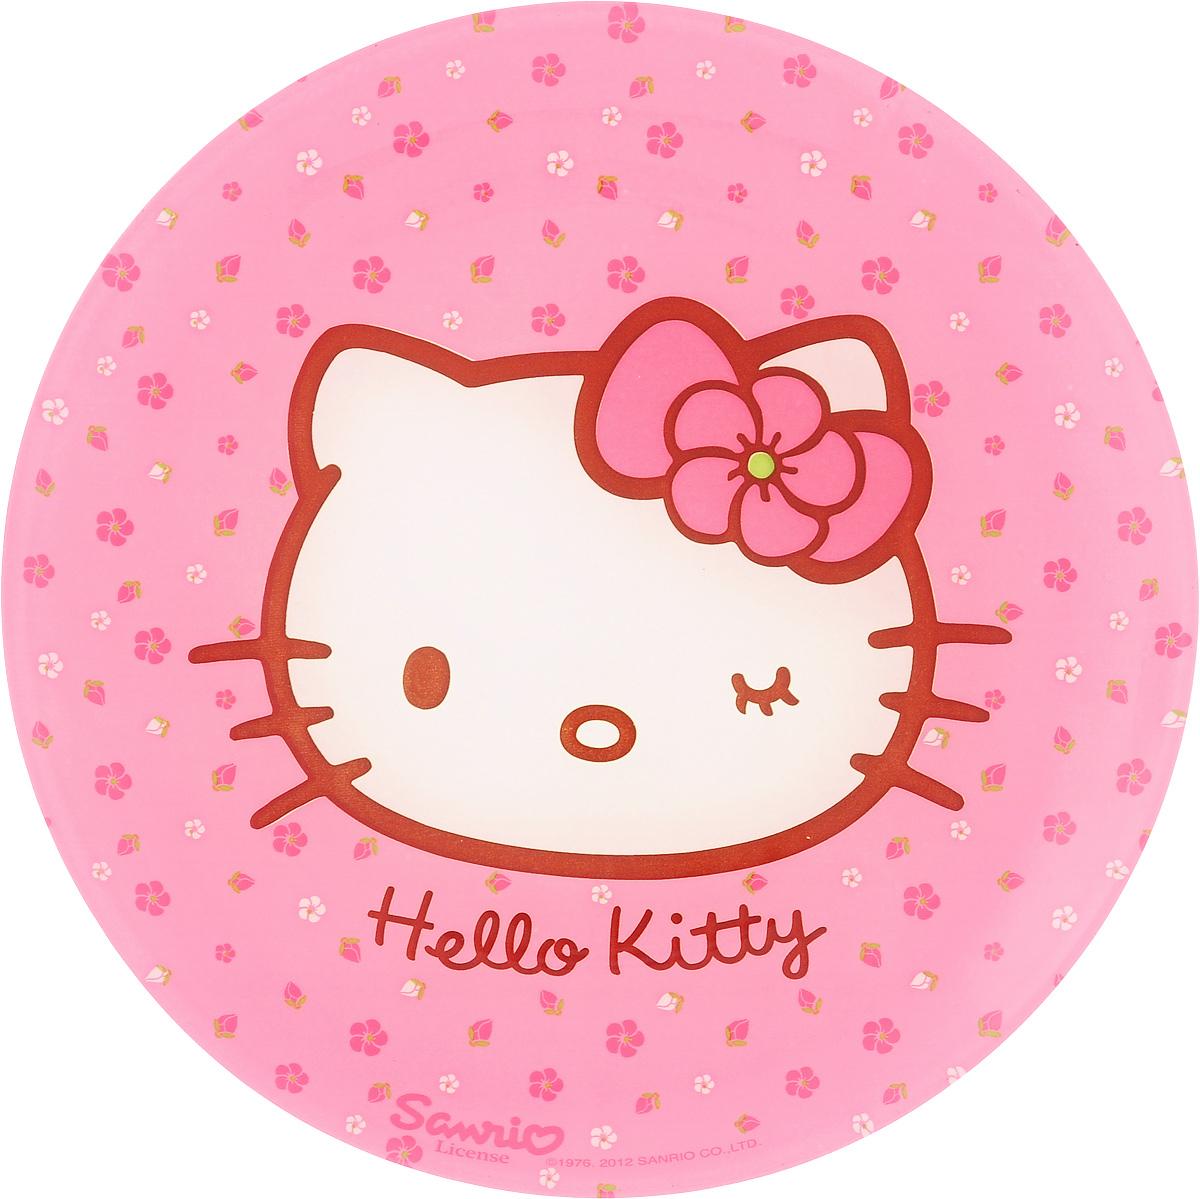 Тарелка десертная Luminarc Hello Kitty. Sweet Pink, диаметр 20 смH5479Десертная тарелка Luminarc Hello Kitty. Sweet Pink,изготовленная из ударопрочного стекла,декорирована ярким рисунком.Такая тарелка прекрасно подходит как дляторжественных случаев, так и для повседневногоиспользования.Идеальна для подачи десертов, пирожных, тортов имногого другого. Она прекрасно оформит стол истанетотличным дополнением к вашей коллекциикухоннойпосуды.Диаметр тарелки (по верхнему краю): 20 см.